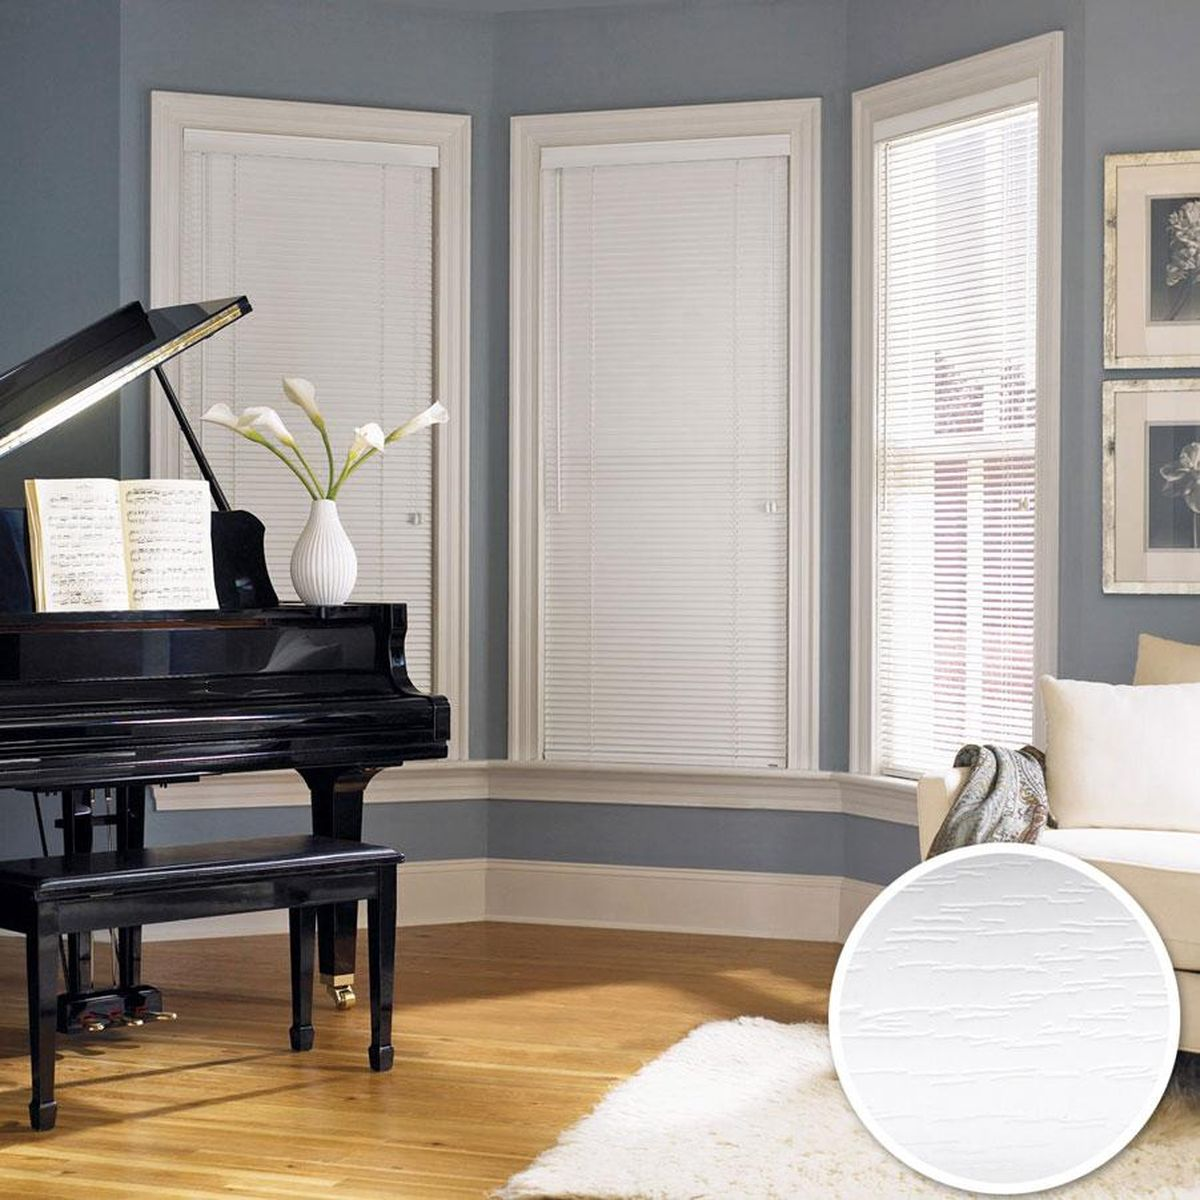 Жалюзи Эскар, цвет: белый, ширина 100 см, высота 160 см61008100160Для того чтобы придать интерьеру изюминку и завершенность, нет ничего лучше, чем использовать жалюзи на окнах квартиры, дома или офиса. С их помощью можно подчеркнуть индивидуальный вкус, а также стилевое оформление помещения. Помимо декоративных функций, жалюзи выполняют и практические задачи: они защищают от излишнего солнечного света, не дают помещению нагреваться, а также создают уют в темное время суток.Пластиковые жалюзи - самое универсальное и недорогое решение для любого помещения. Купить их может каждый, а широкий выбор размеров под самые популярные габариты сделает покупку простой и удобной. Пластиковые жалюзи имеют высокие эксплуатационные характеристики - они гигиеничны, что делает их незаменимыми при монтаже в детских и медицинских учреждениях.